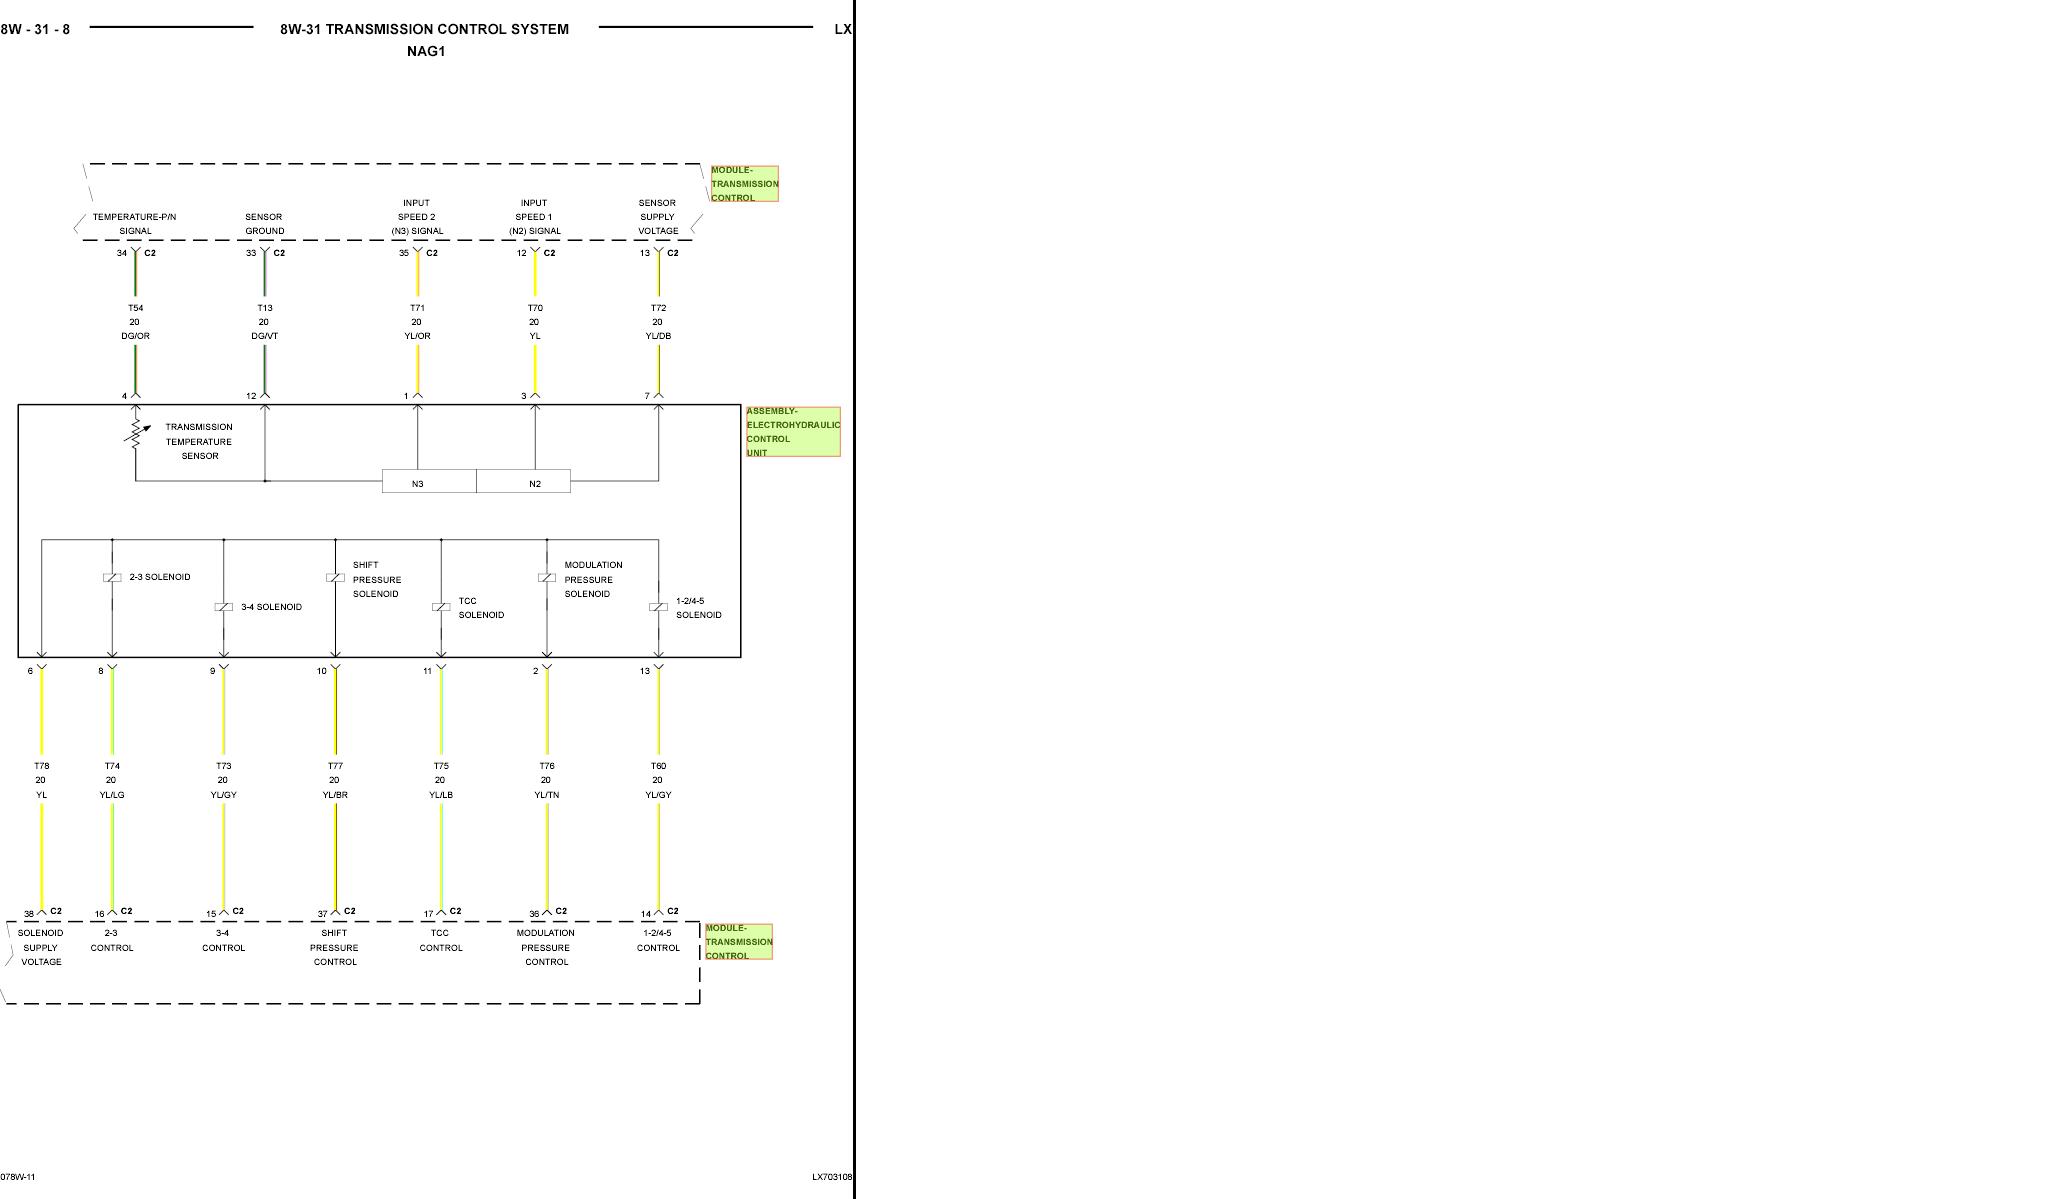 Dtc 731 Transmission Type Nag1